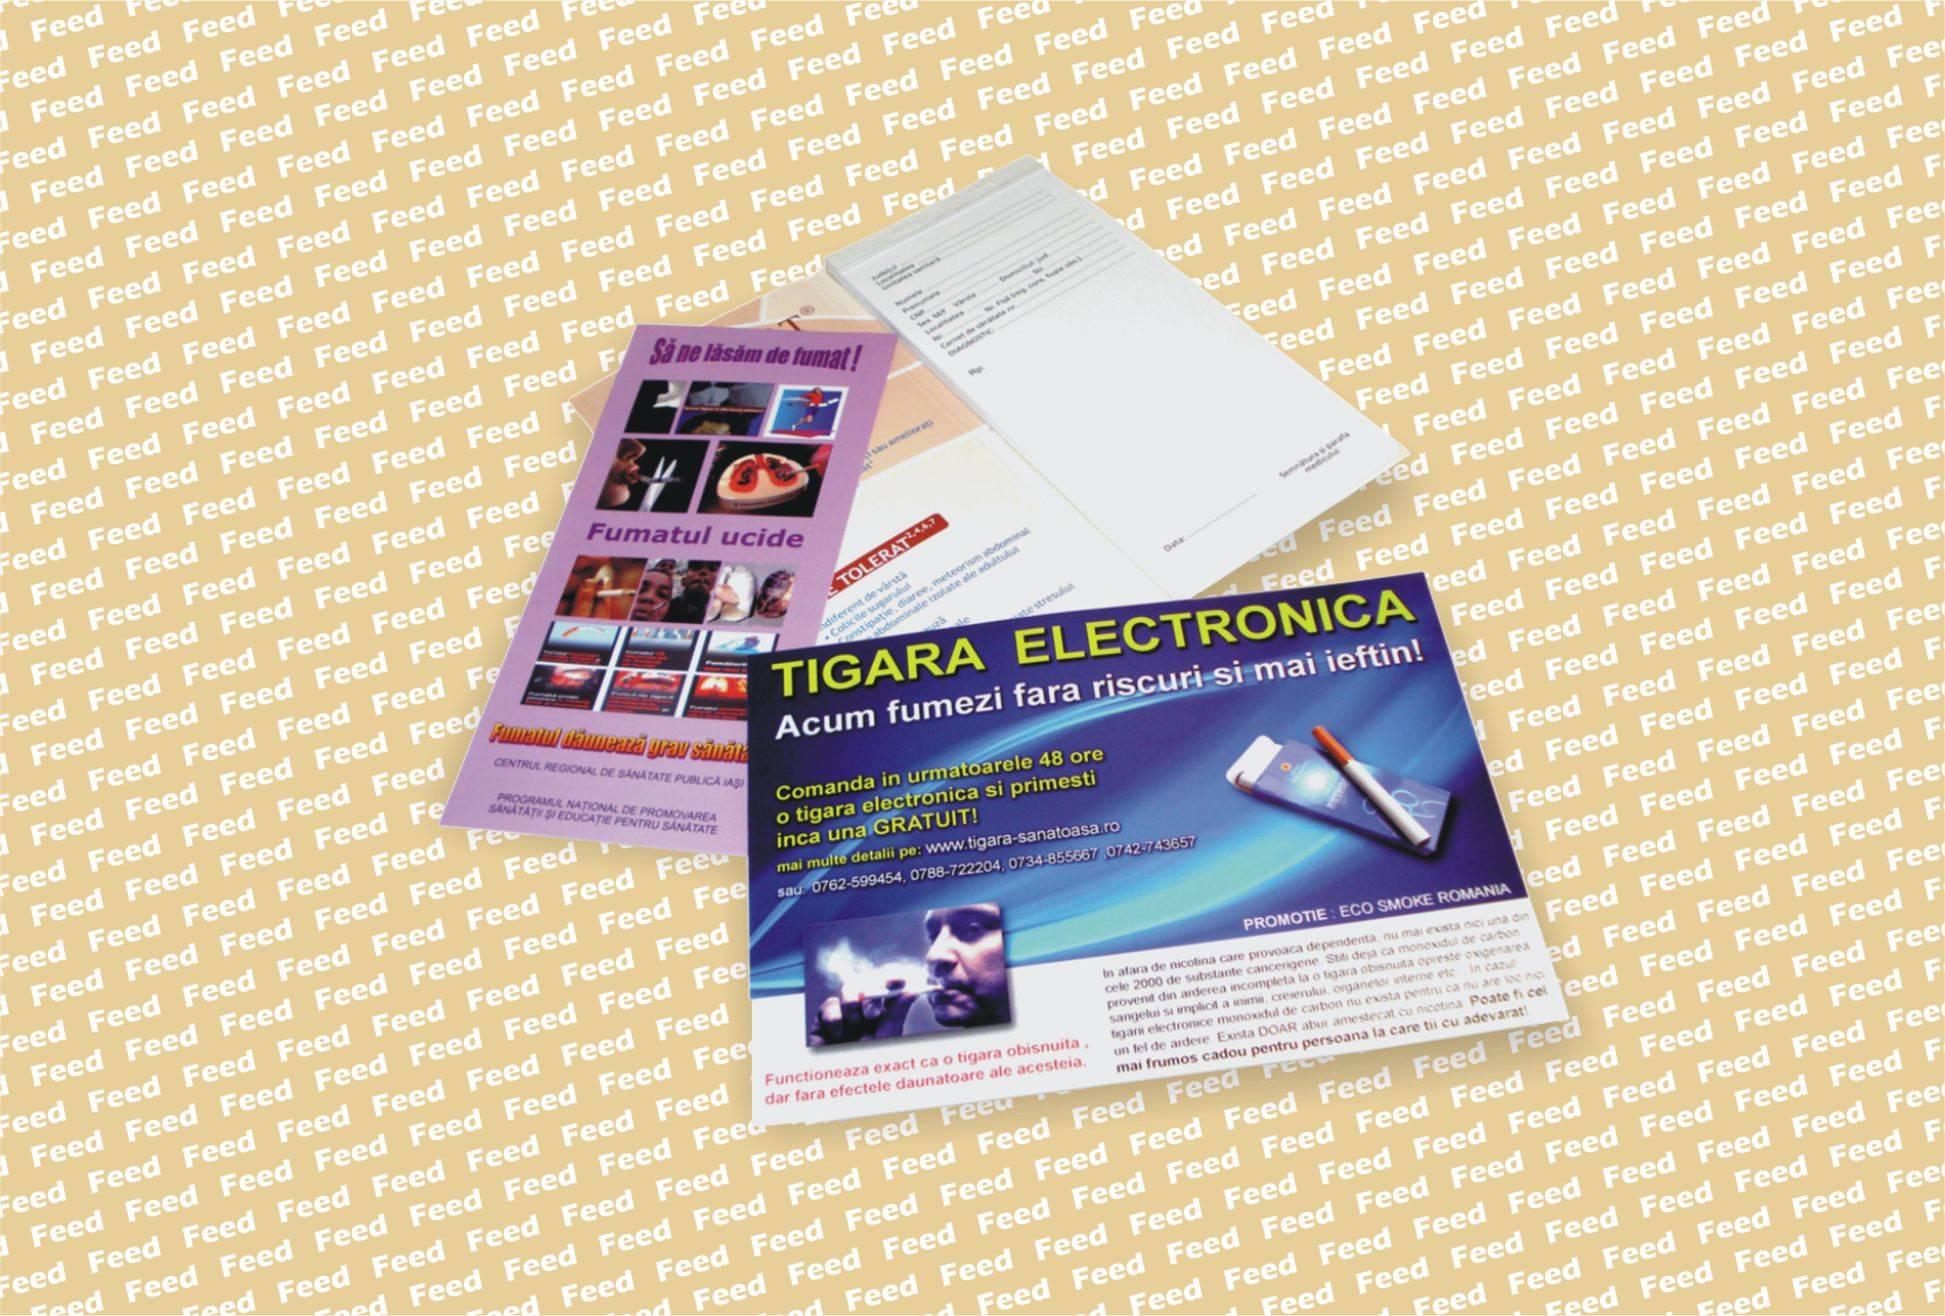 001 Broşuri, carnete, reţetare